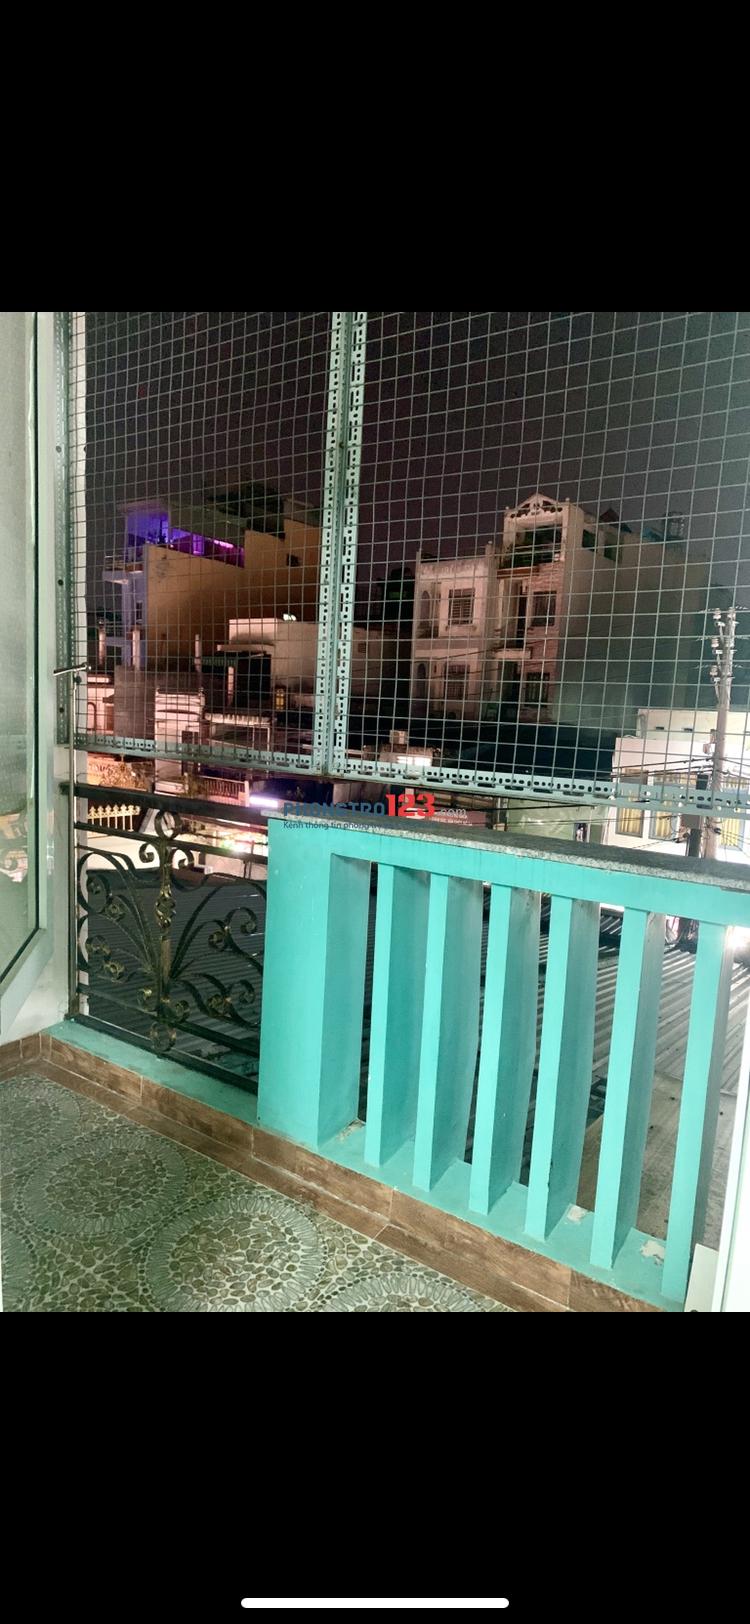 Cho thuê PHÒNG TRỌ 3 người ở tại Bắc Hải Quận 10 - PHÒNG SẴN DỌN VÀO Ở NGAY